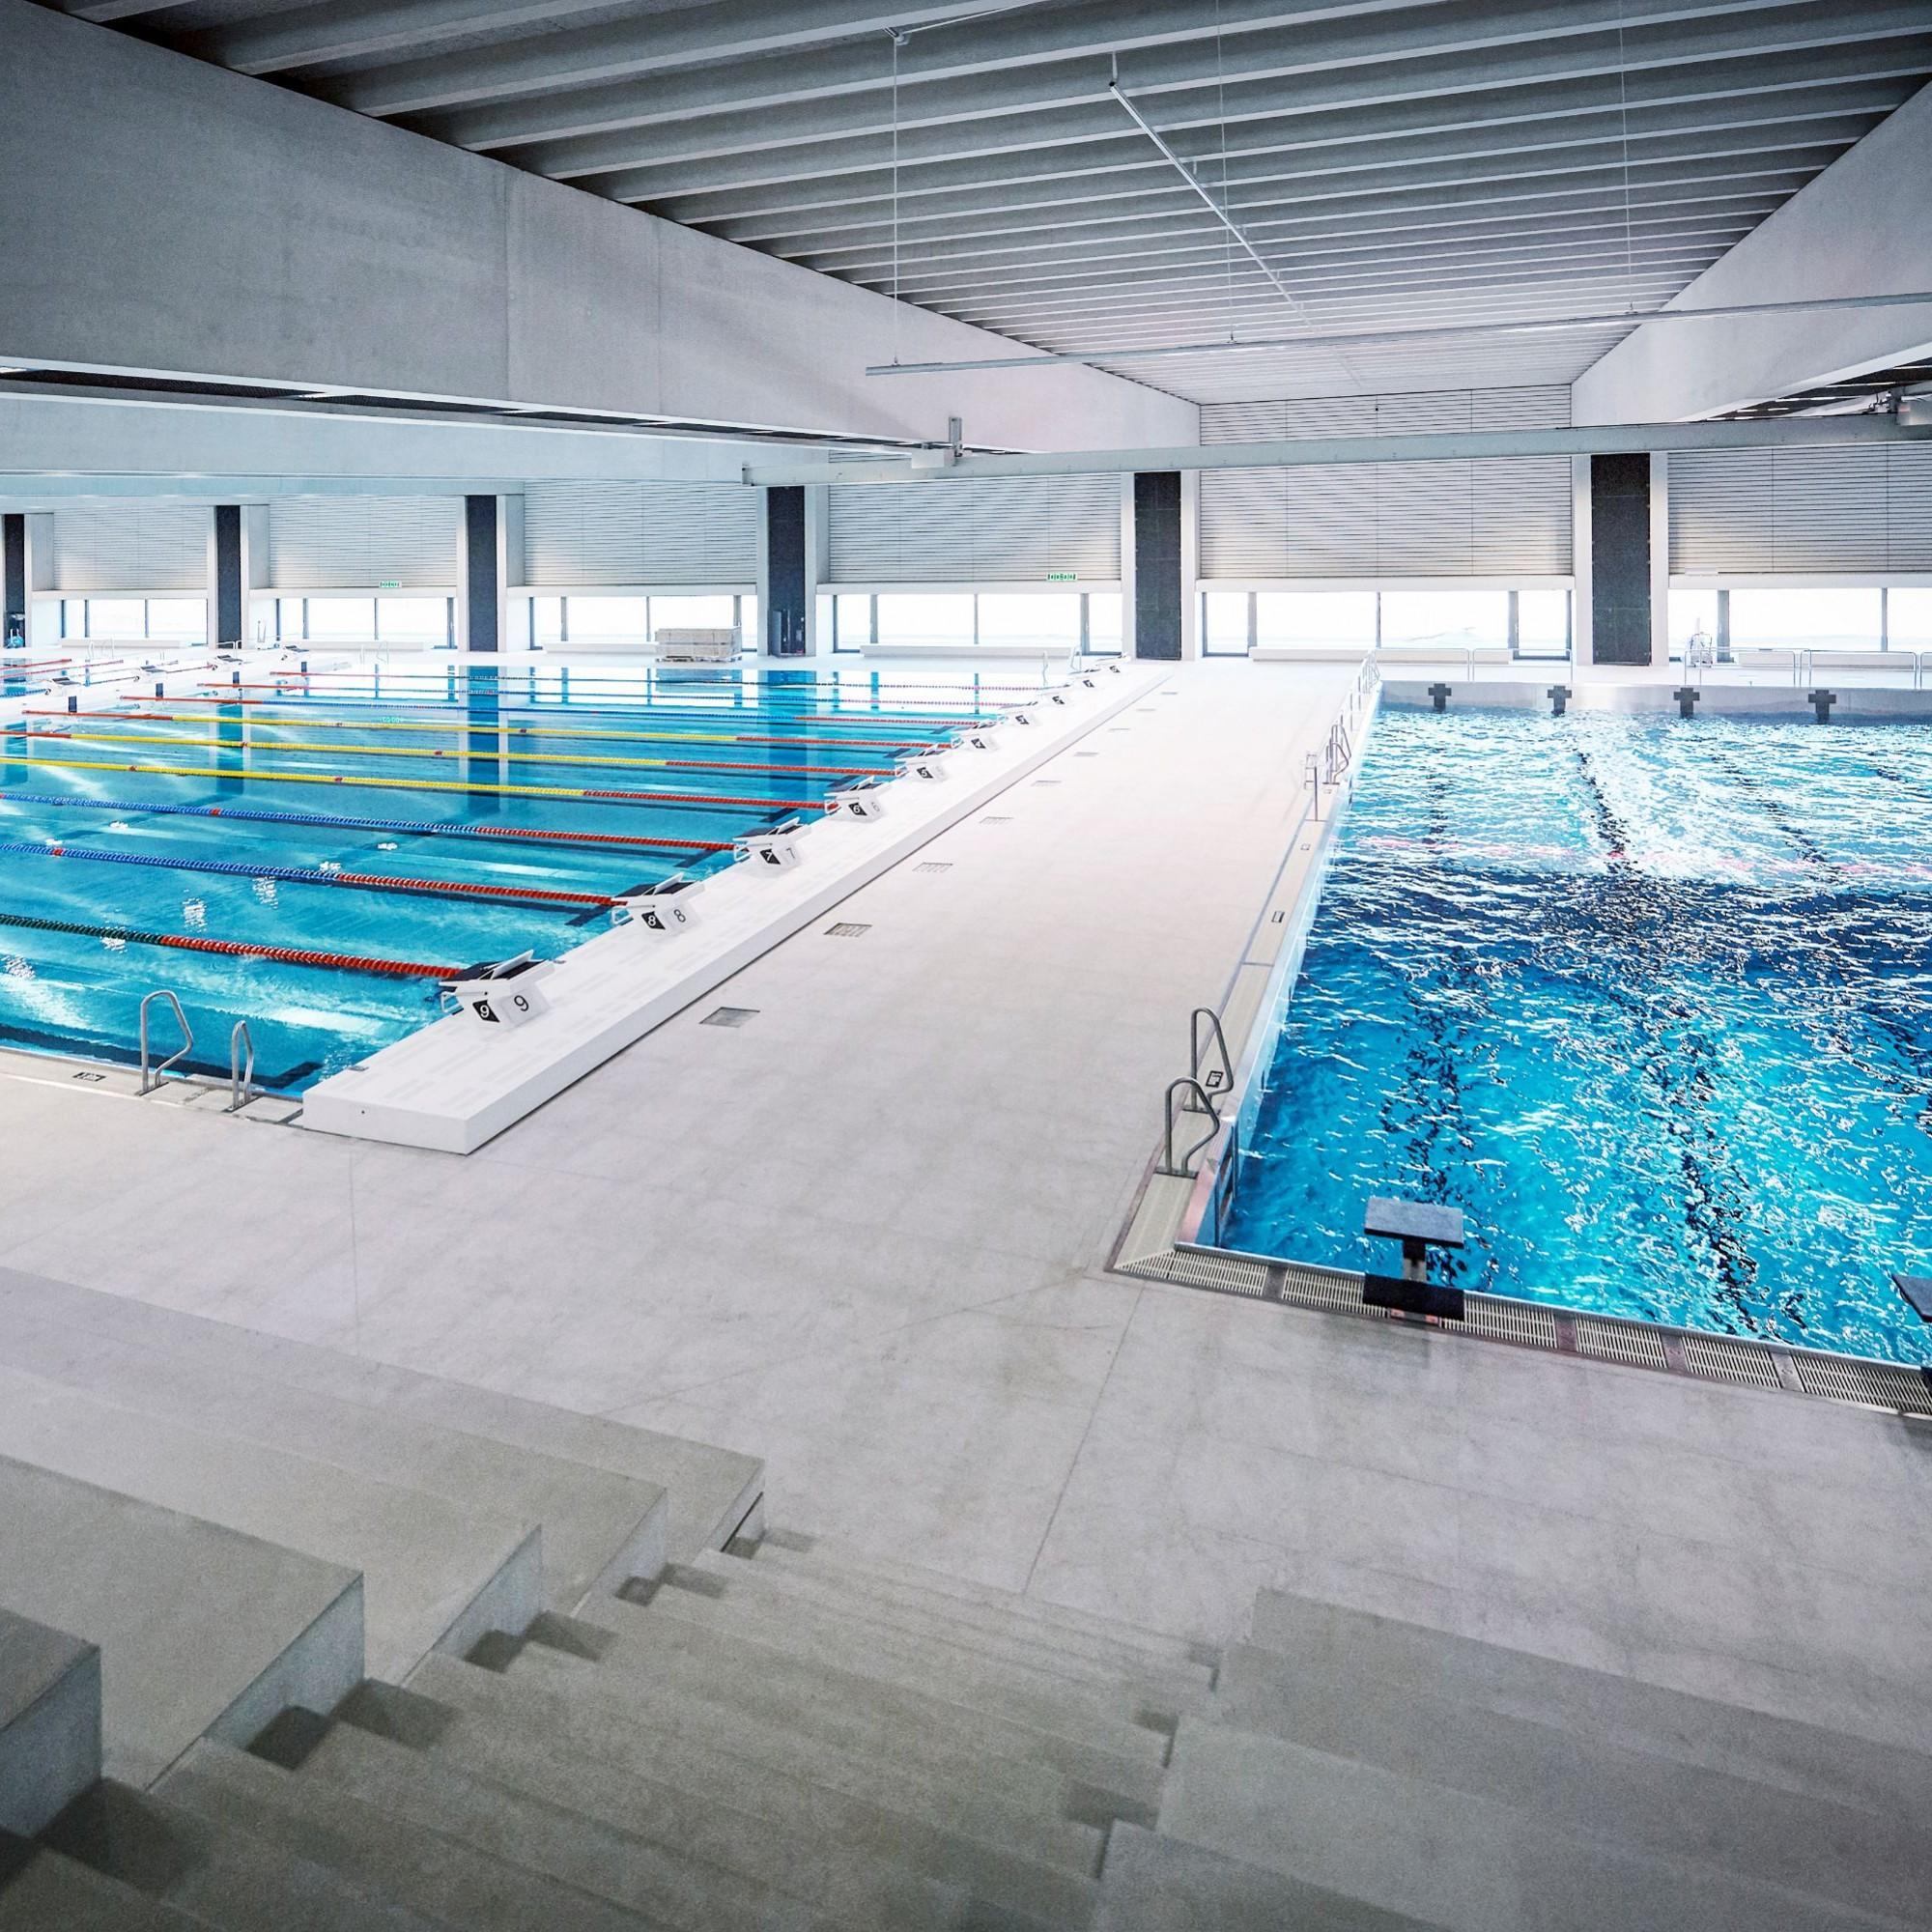 Das neue Sportmekka des Campus Sursee wartet unter anderem miteinem olympischen 50-Meter-Becken sowie einem 25-Meter-Pool, Warmwasserbereich und Kinder- und Familien-Pool auf.